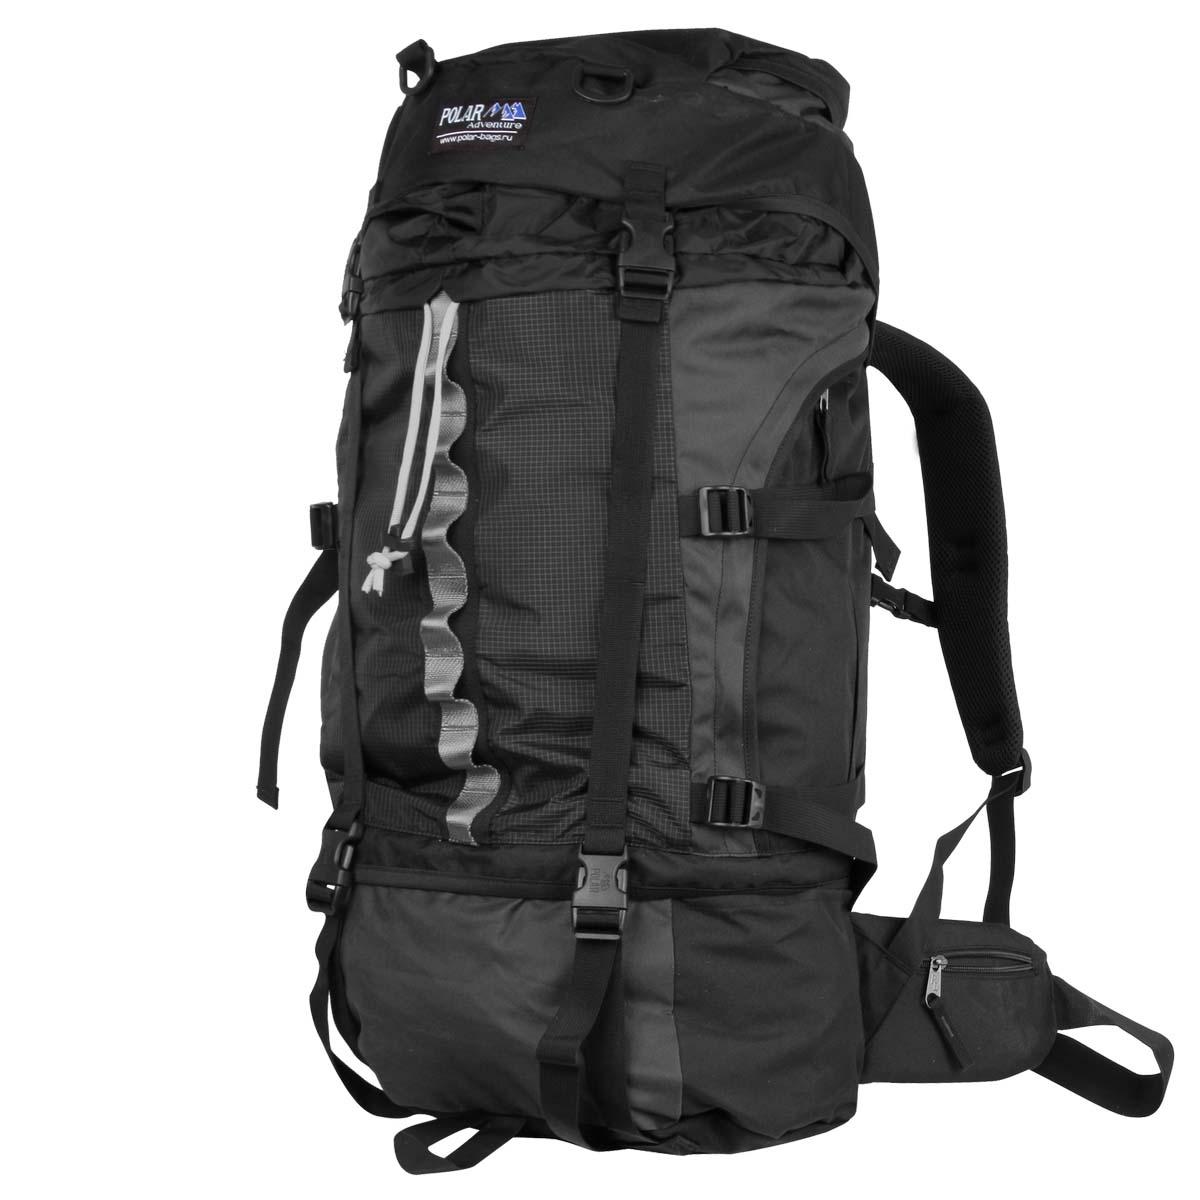 Рюкзак экспедиционный Polar, 50 л, цвет: черный. П931-05П931-05Туристический рюкзак фирмы Polar. Объем на 50 л. Отлично оснащенный рюкзак для альпинизма и туризма. Двойной доступ к основному отделению, множество карманов для мелочей и документов, карабин для ключей, карман для мобильного. Возможность крепления на рюкзак дополнительного оборудования. Регулируемая грудная стяжка с фиксатором. Регулируемый по длине поясной ремень с карманами на змейке. Материал: Polyester PU 600D.